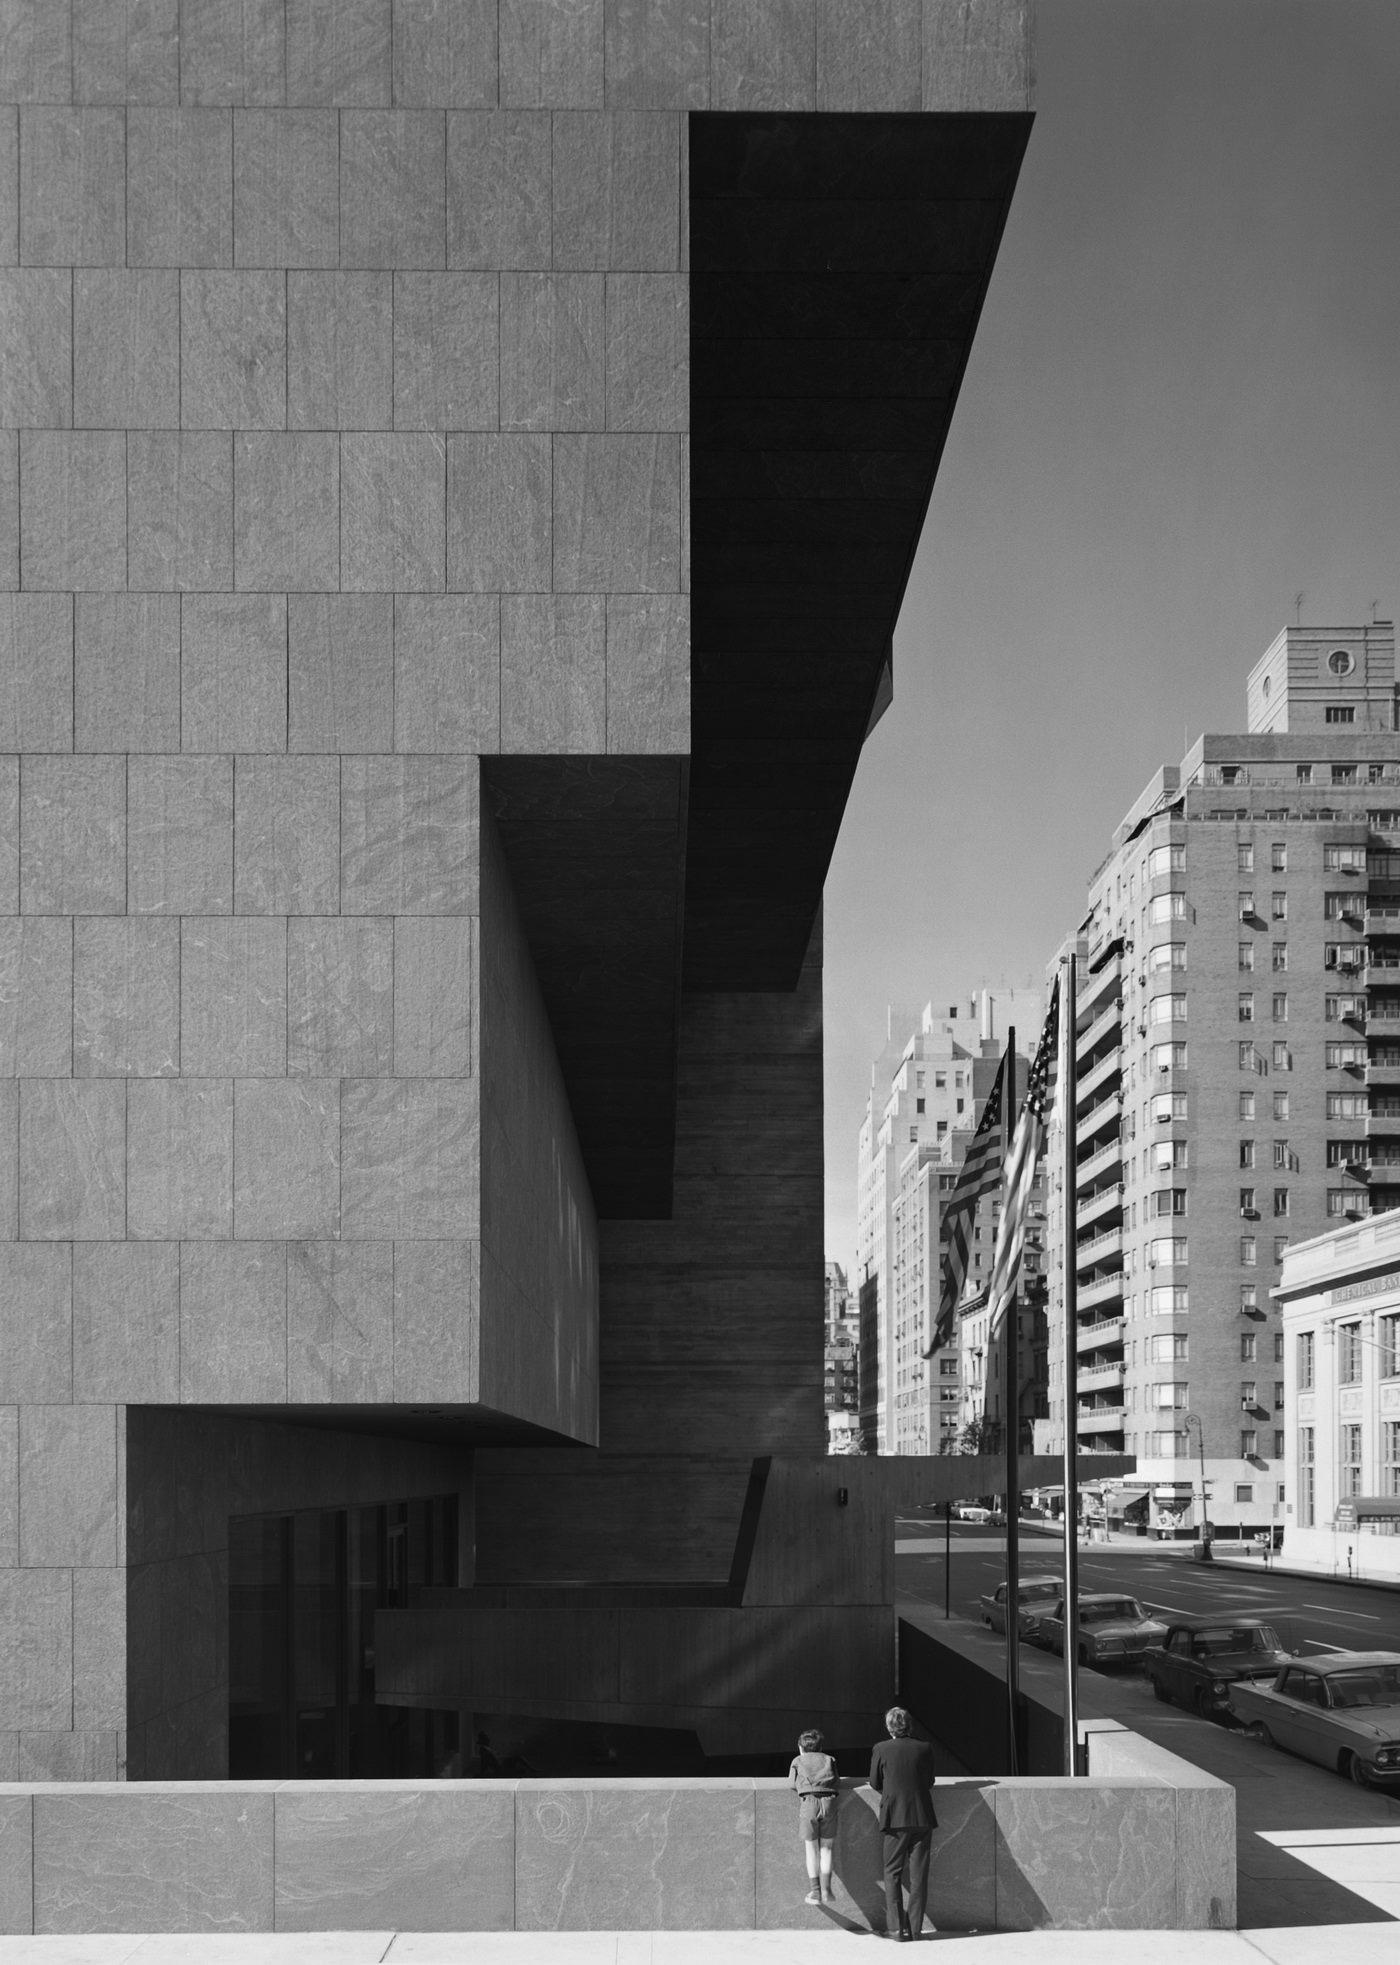 Эзра Столлер. Музей американского искусства Уитни (Метрополитен-музей Брёйер). Арх.: Марсель Брёйер. Нью-Йорк, шт. Нью-Йорк, 1966